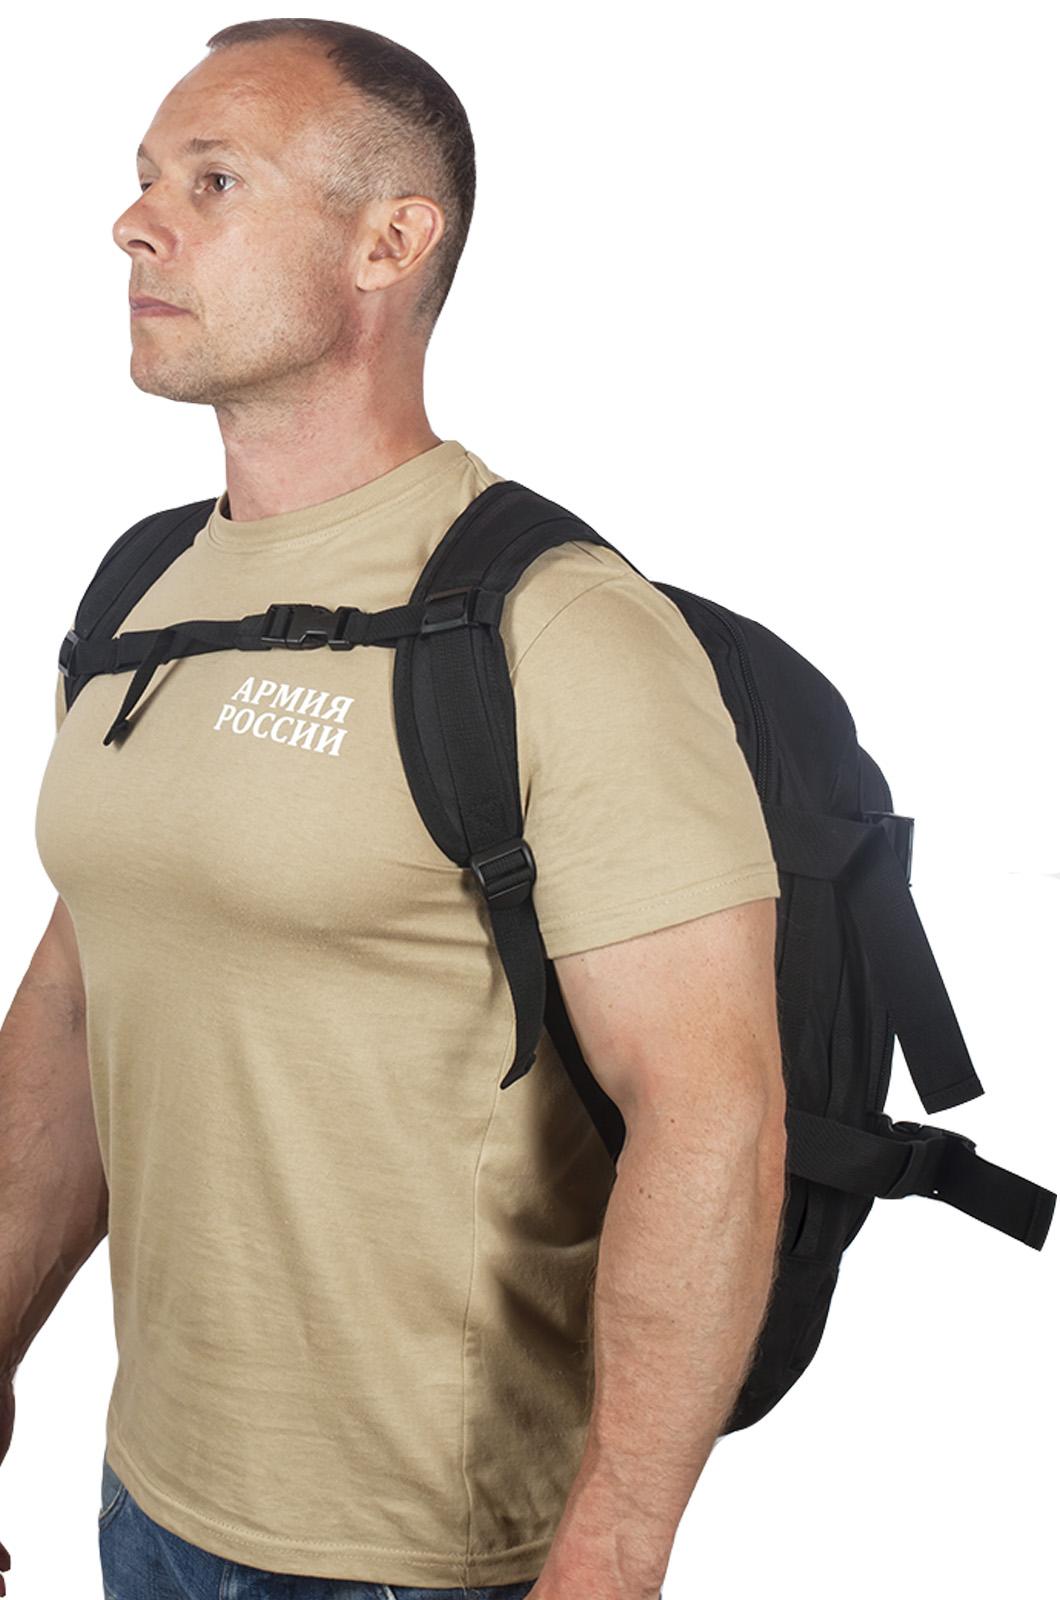 Черный рюкзак универсального назначения 3-Day Expandable Backpack 08002B Black по выгодной цене